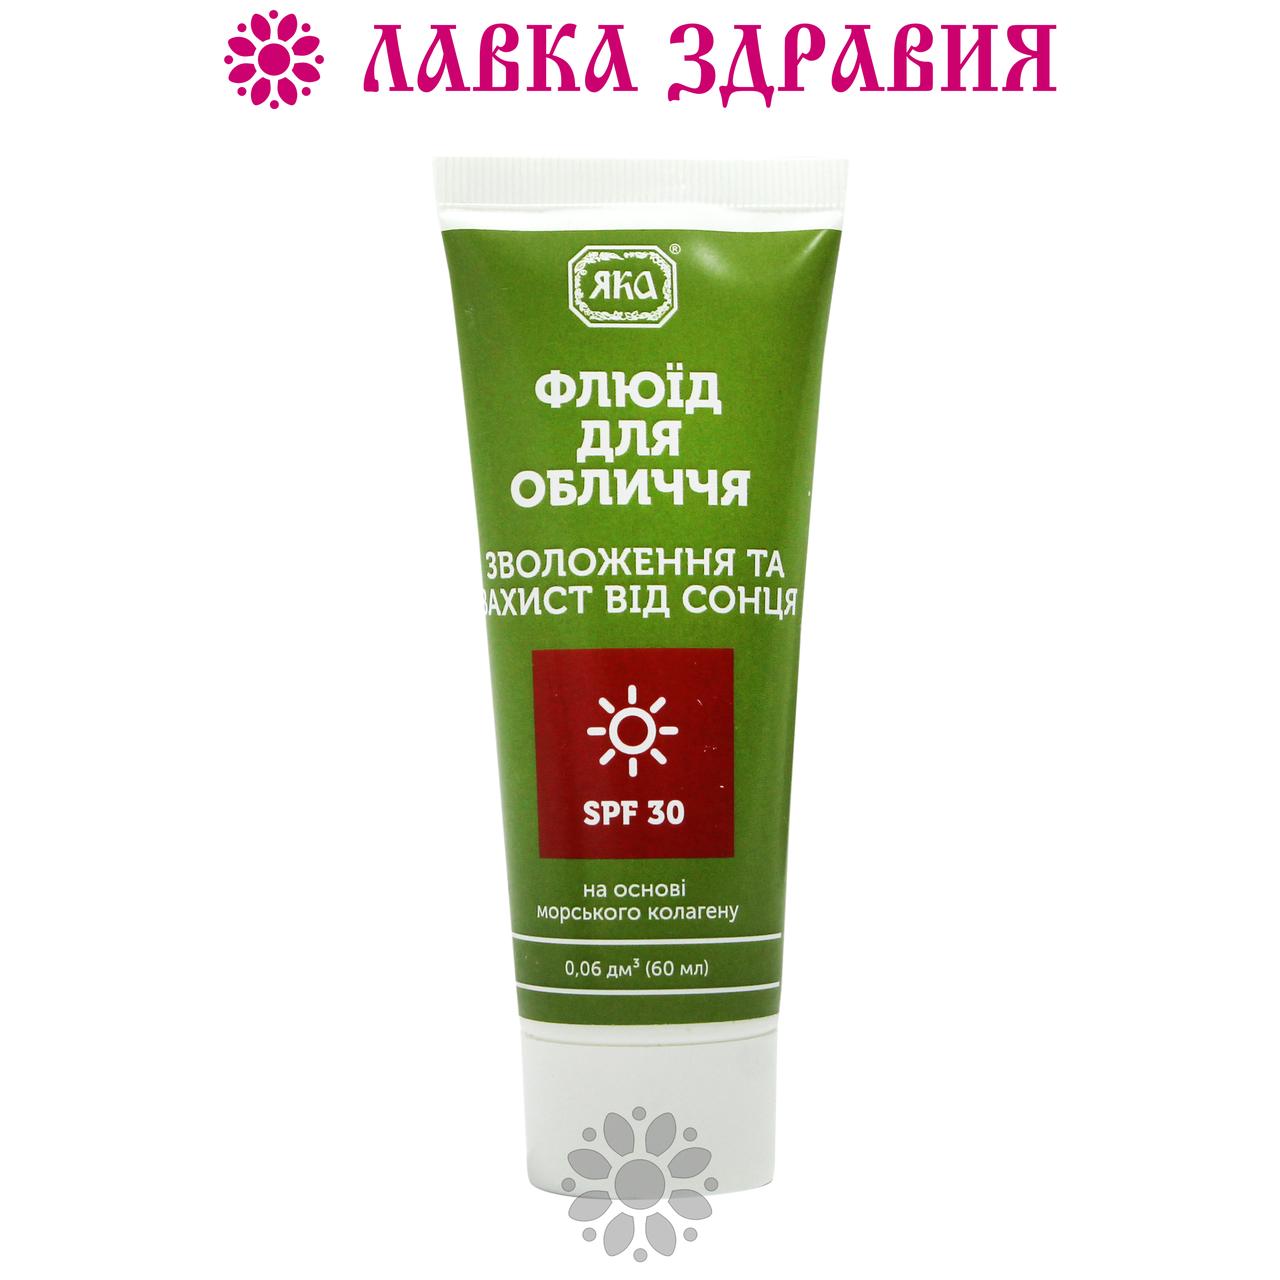 Флюид для лица Увлажнение и защита от солнца SPF-30, 60 мл, Яка